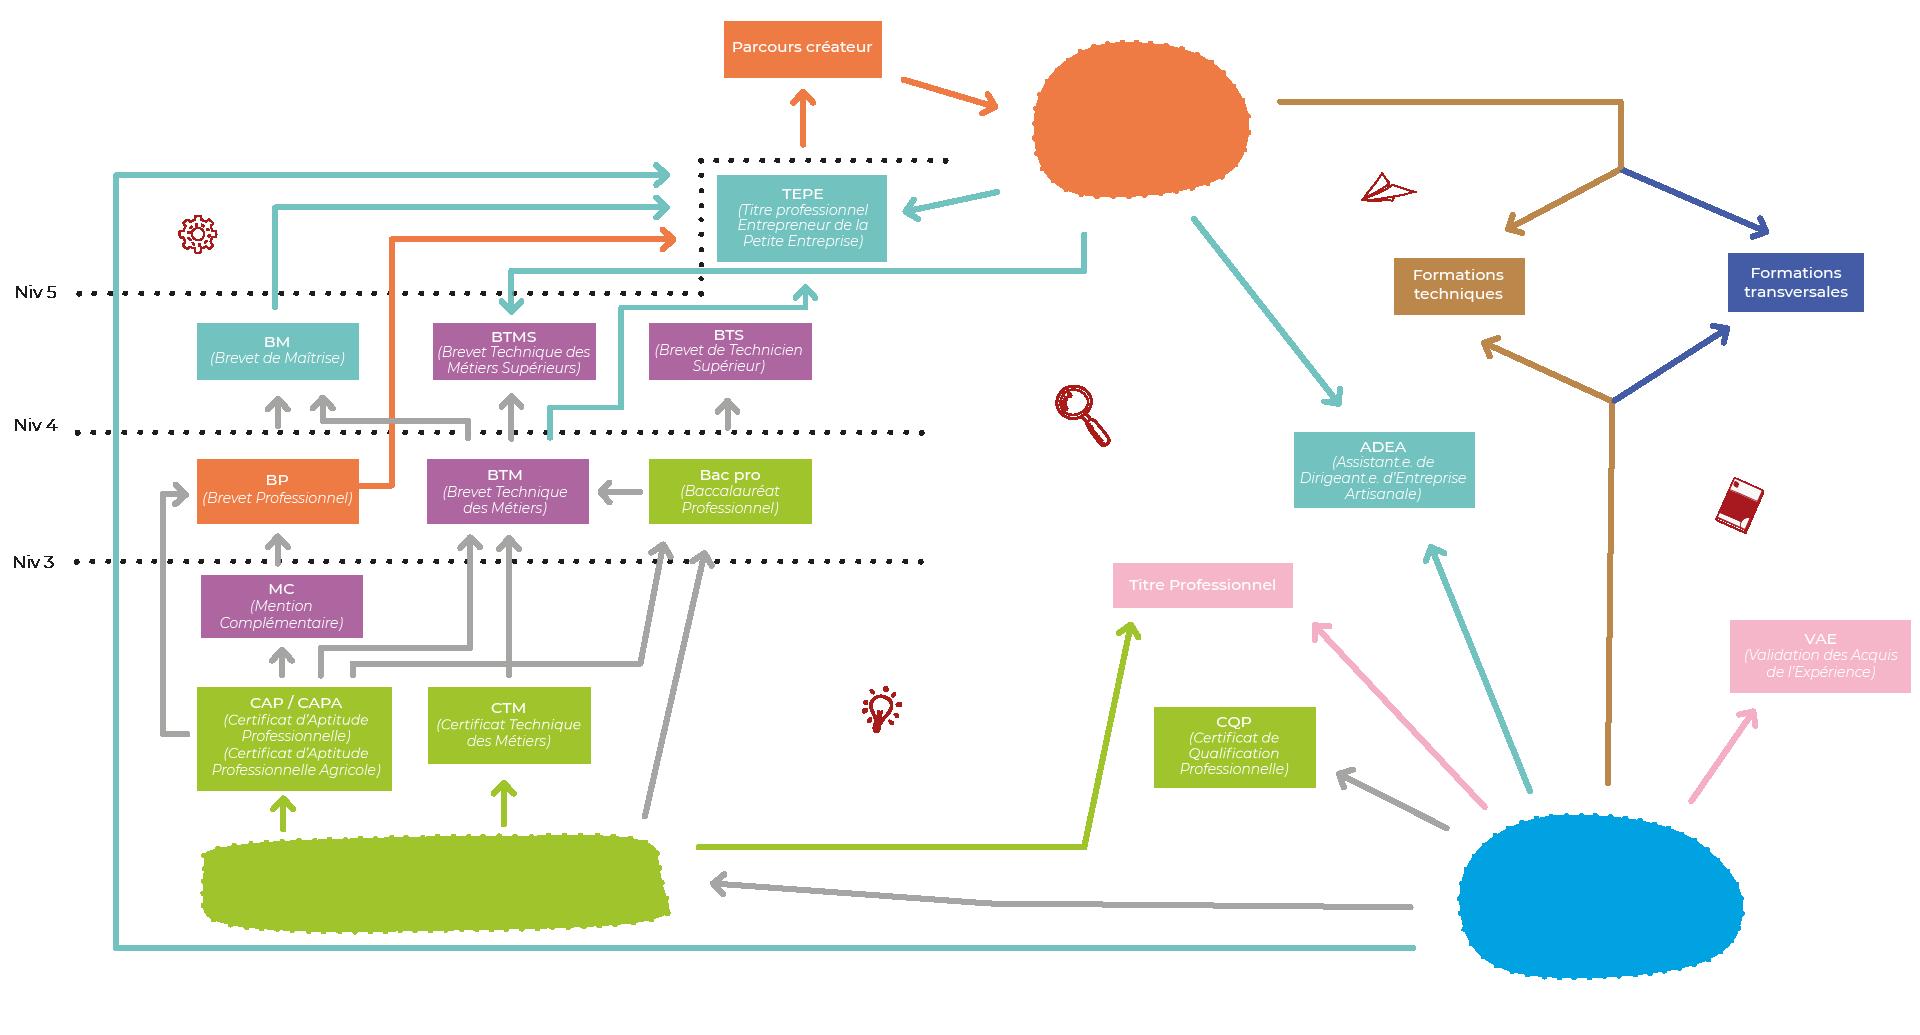 schéma qui définit le parcours de formation de la CMA